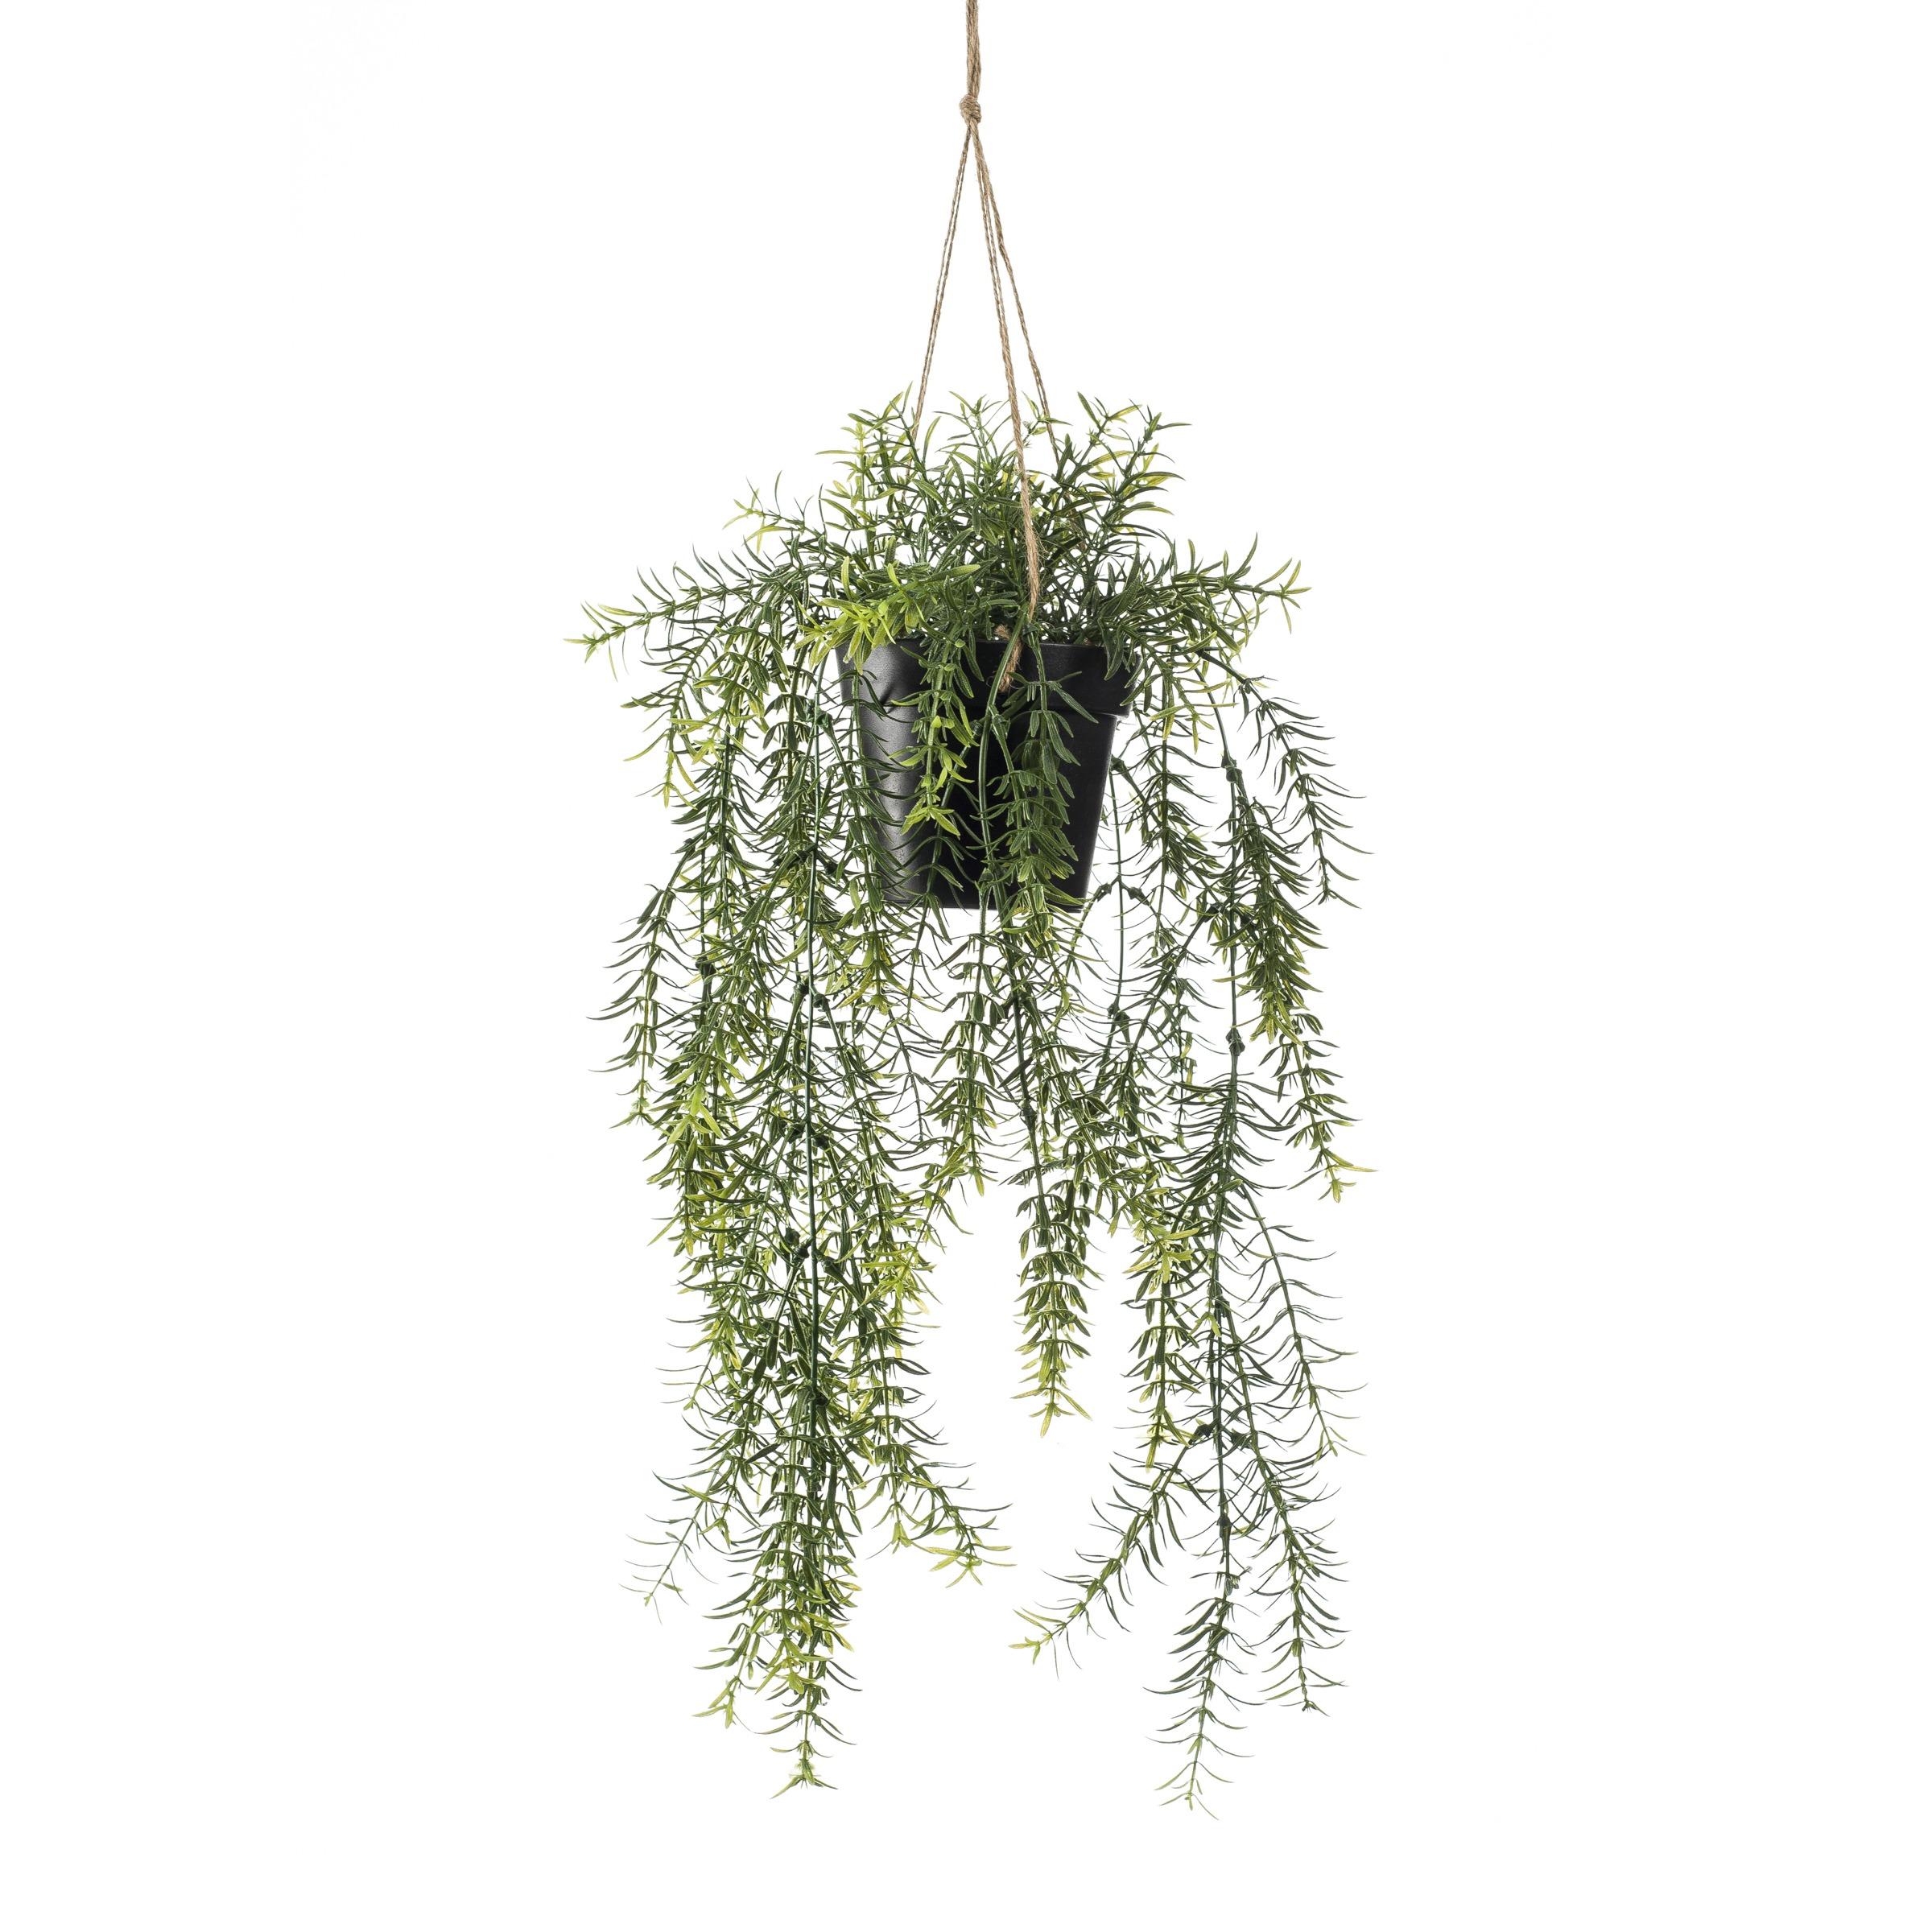 Kunstplant Asparagus 50 pot in pot